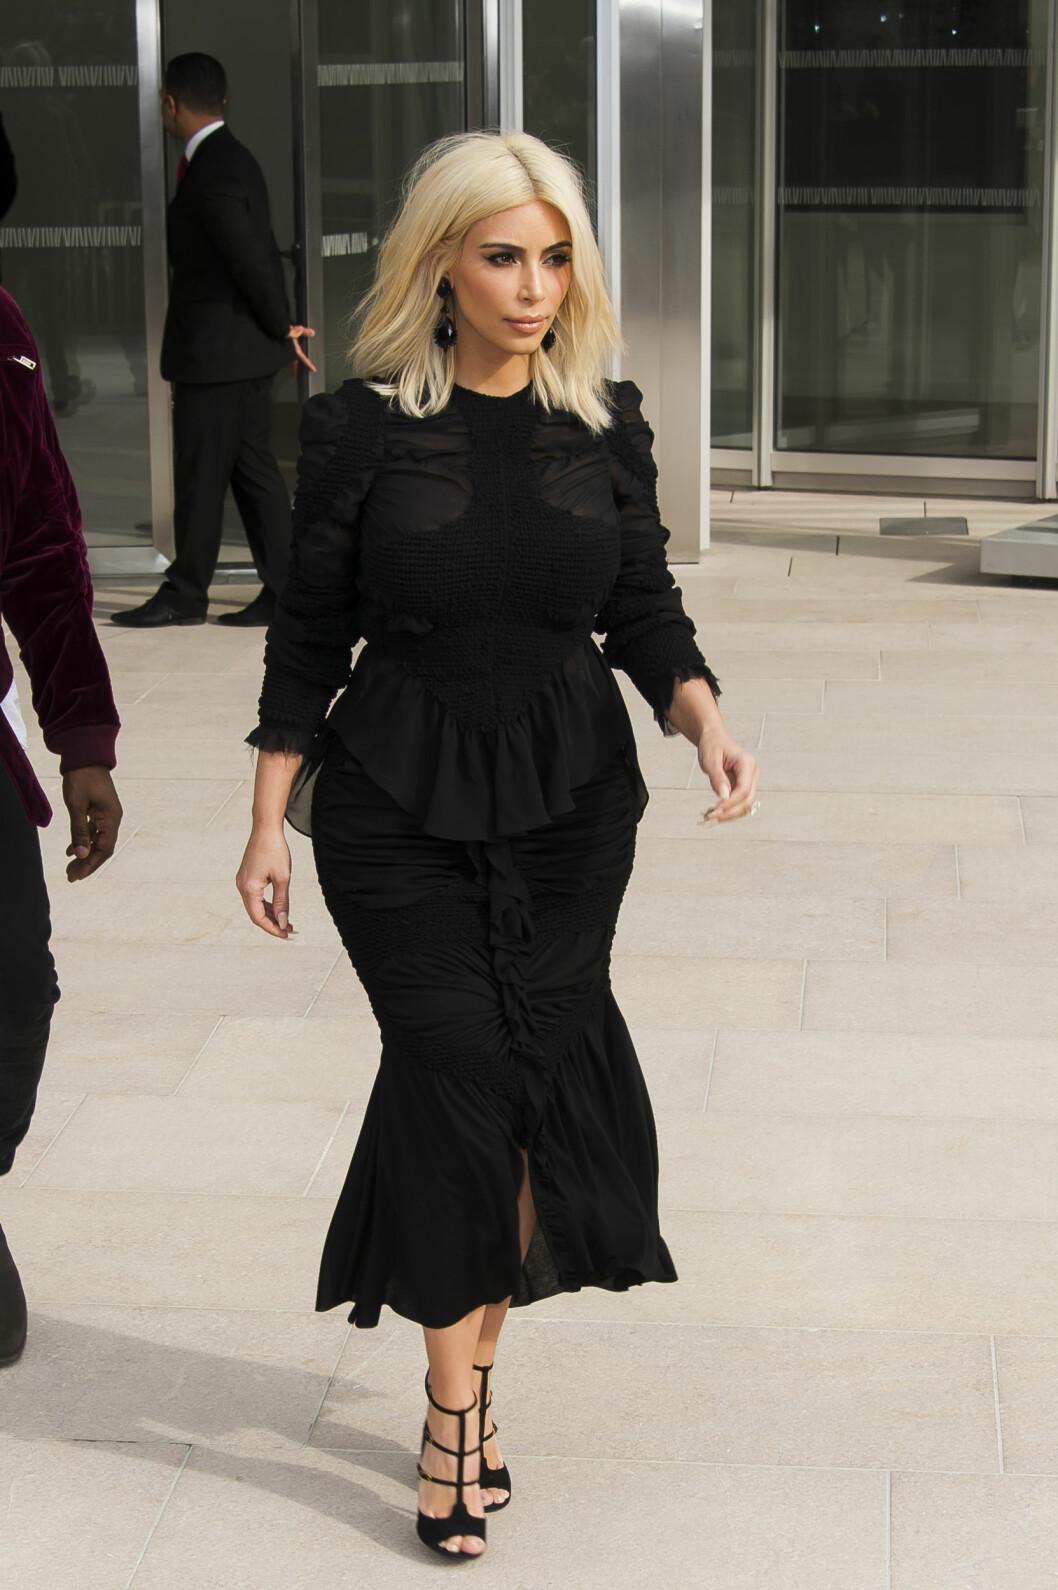 Kim matcher ned til detaljnivå, og til og med øredobbene er i samme farge som resten av antrekket.  Foto: Scanpix